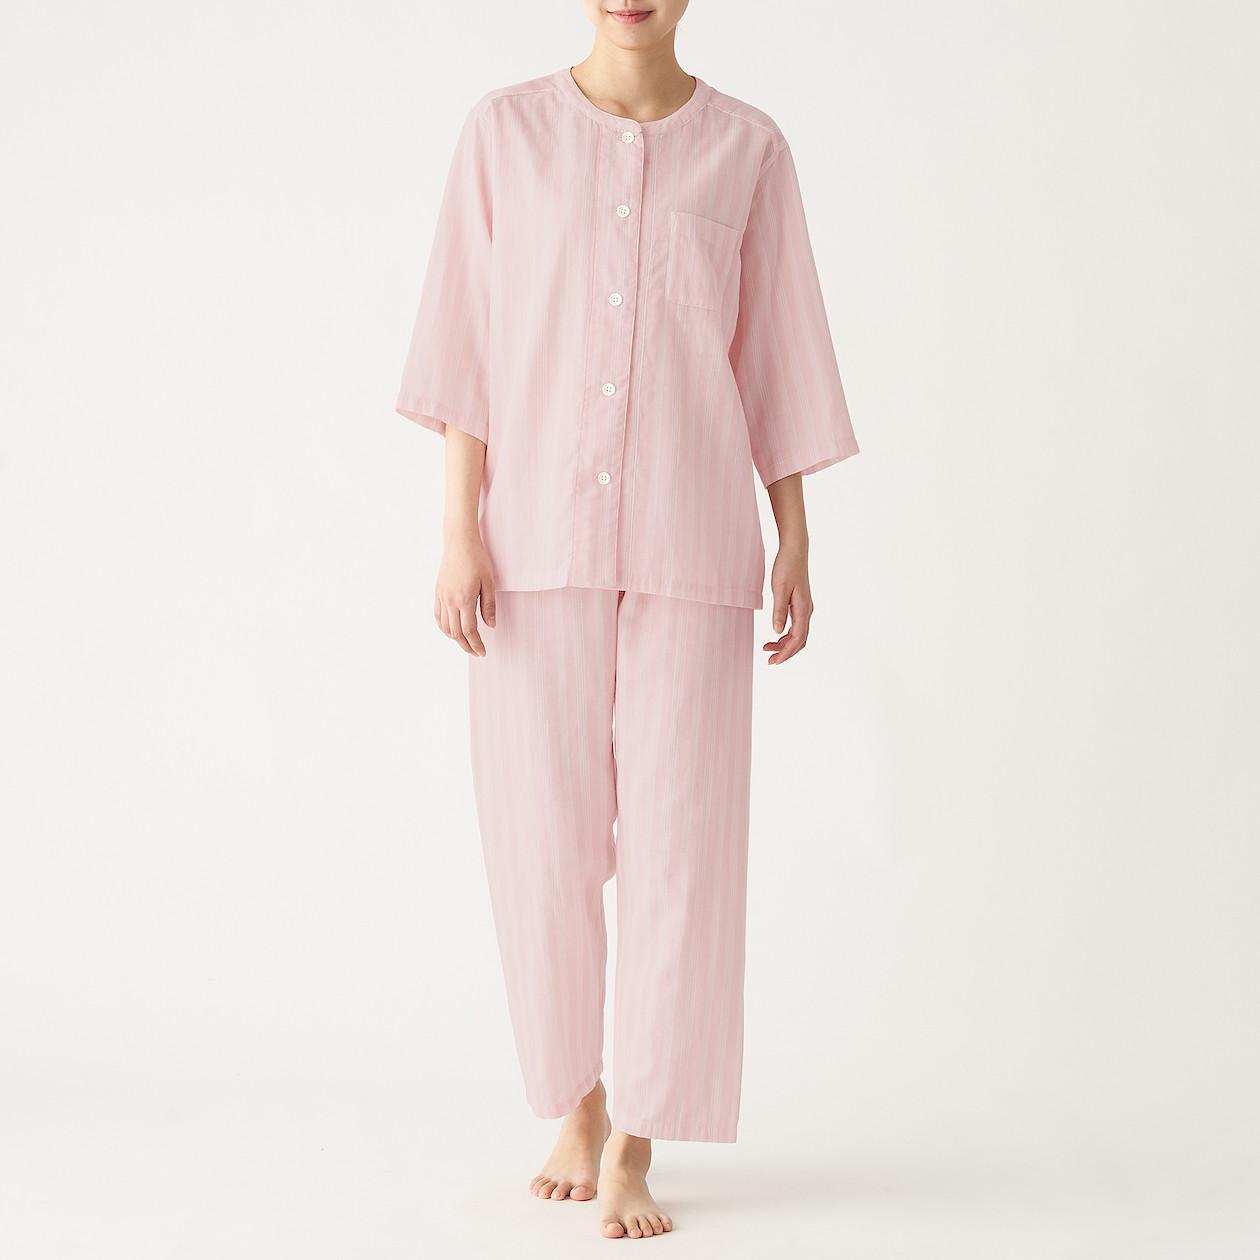 2 hãng pyjama mẫu mã hơi tẻ nhưng lại được Phương Ly mua hoài vì chất vải mặc quá sướng - Ảnh 8.